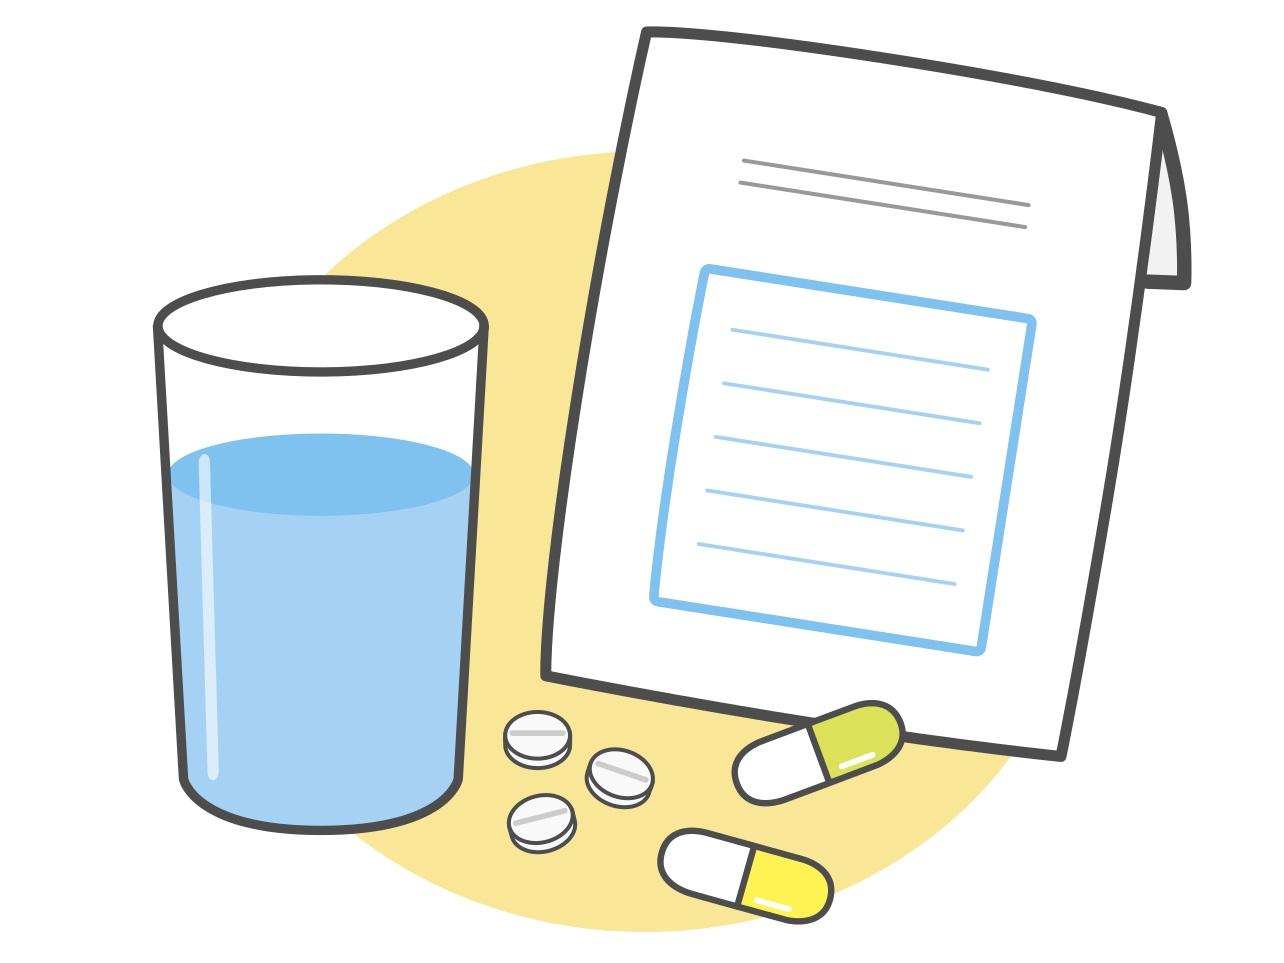 痛風の薬を飲むと精子が減少して、不妊になる噂は本当なのか